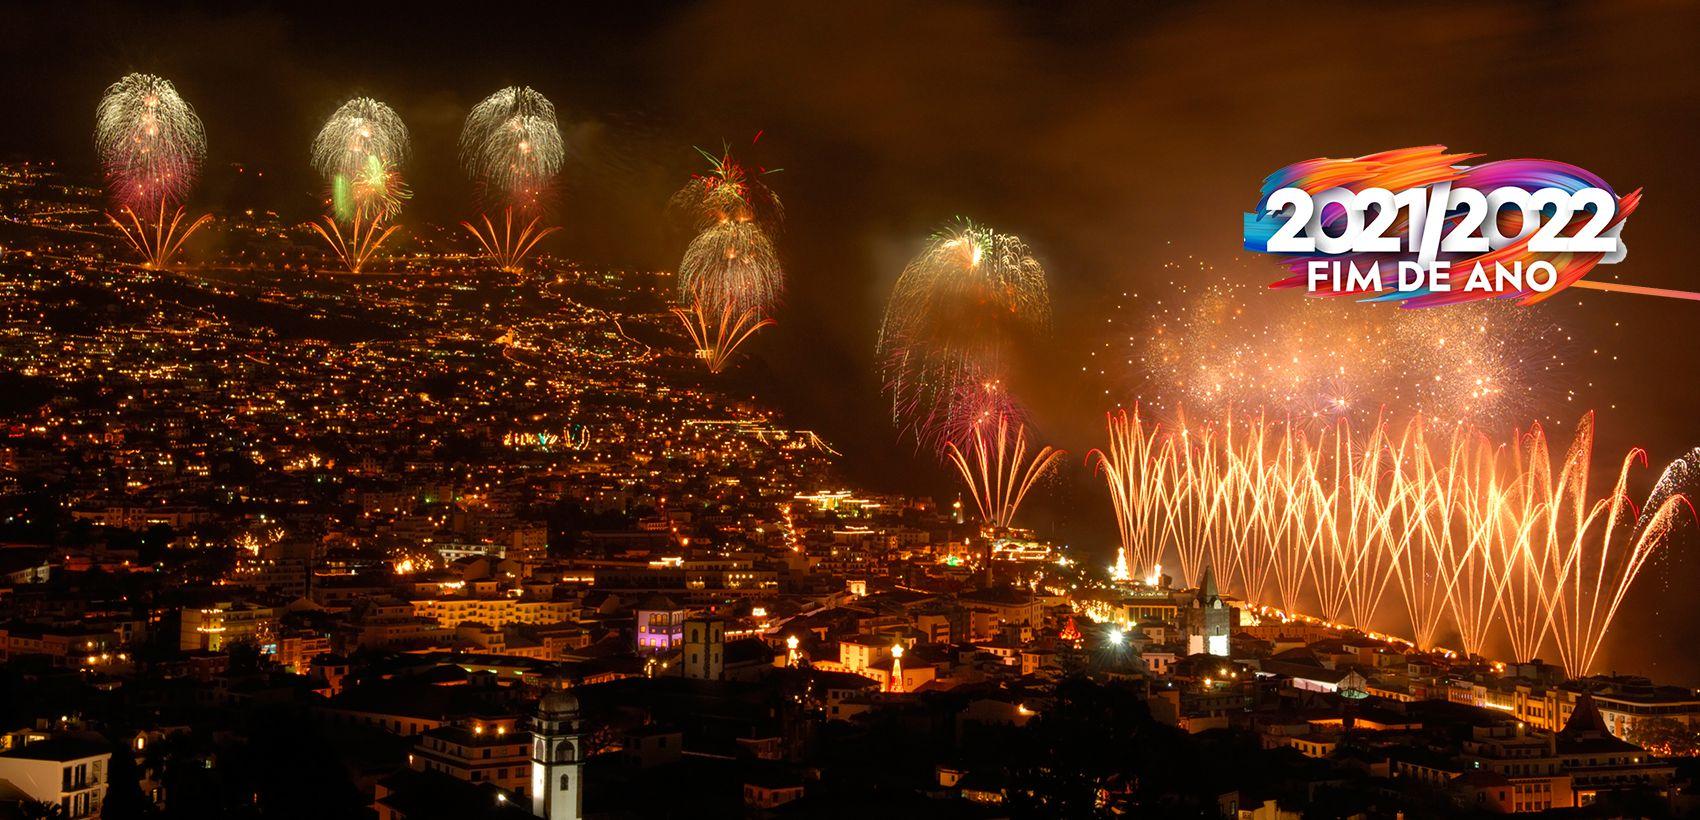 Madeira: Fim de Ano FNC  SATA Partida Lisboa e Porto (PAR)